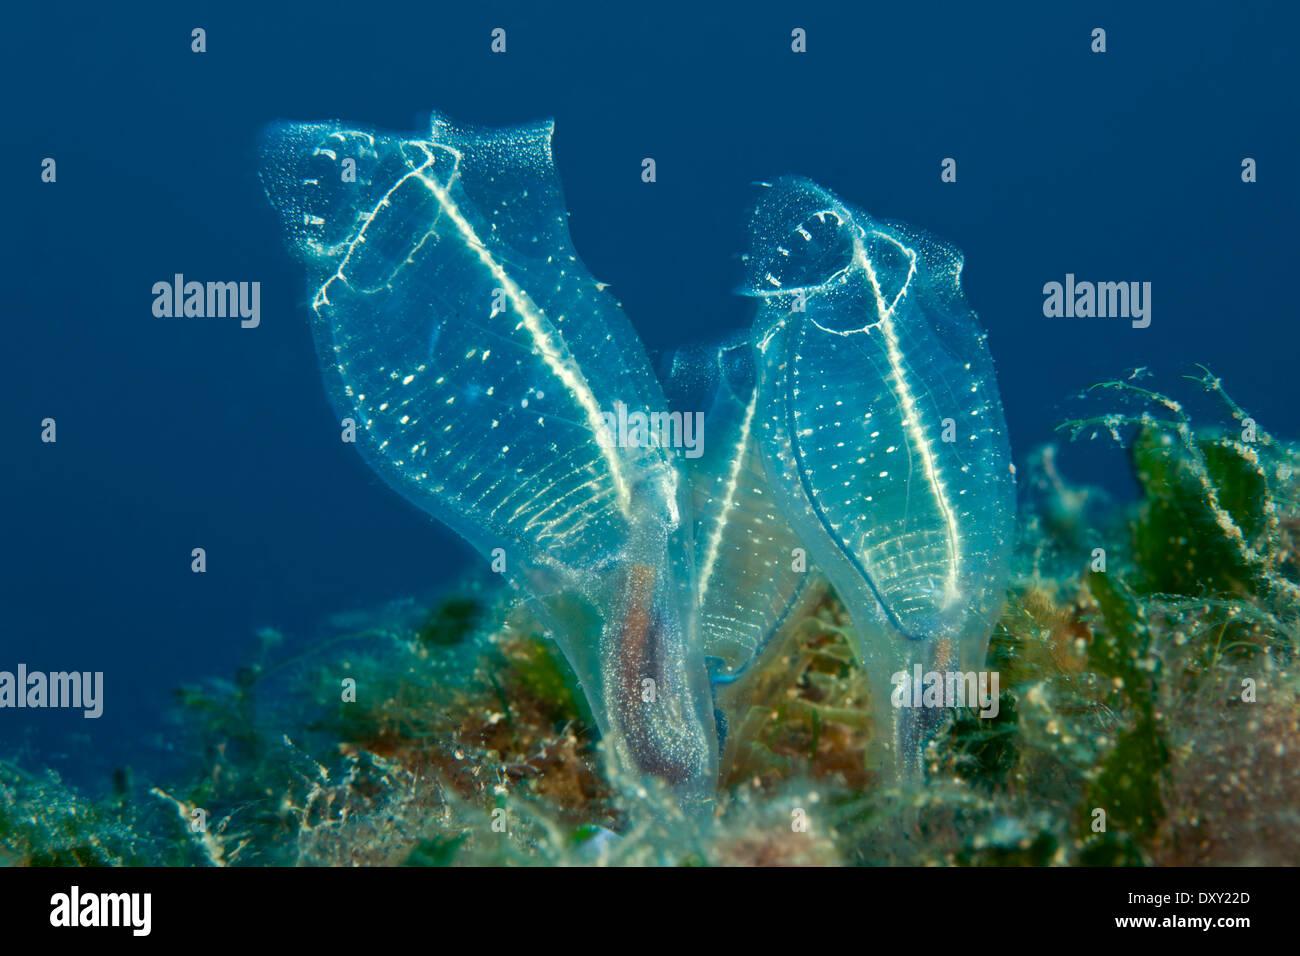 sea squirt feeder fast lesbian sex